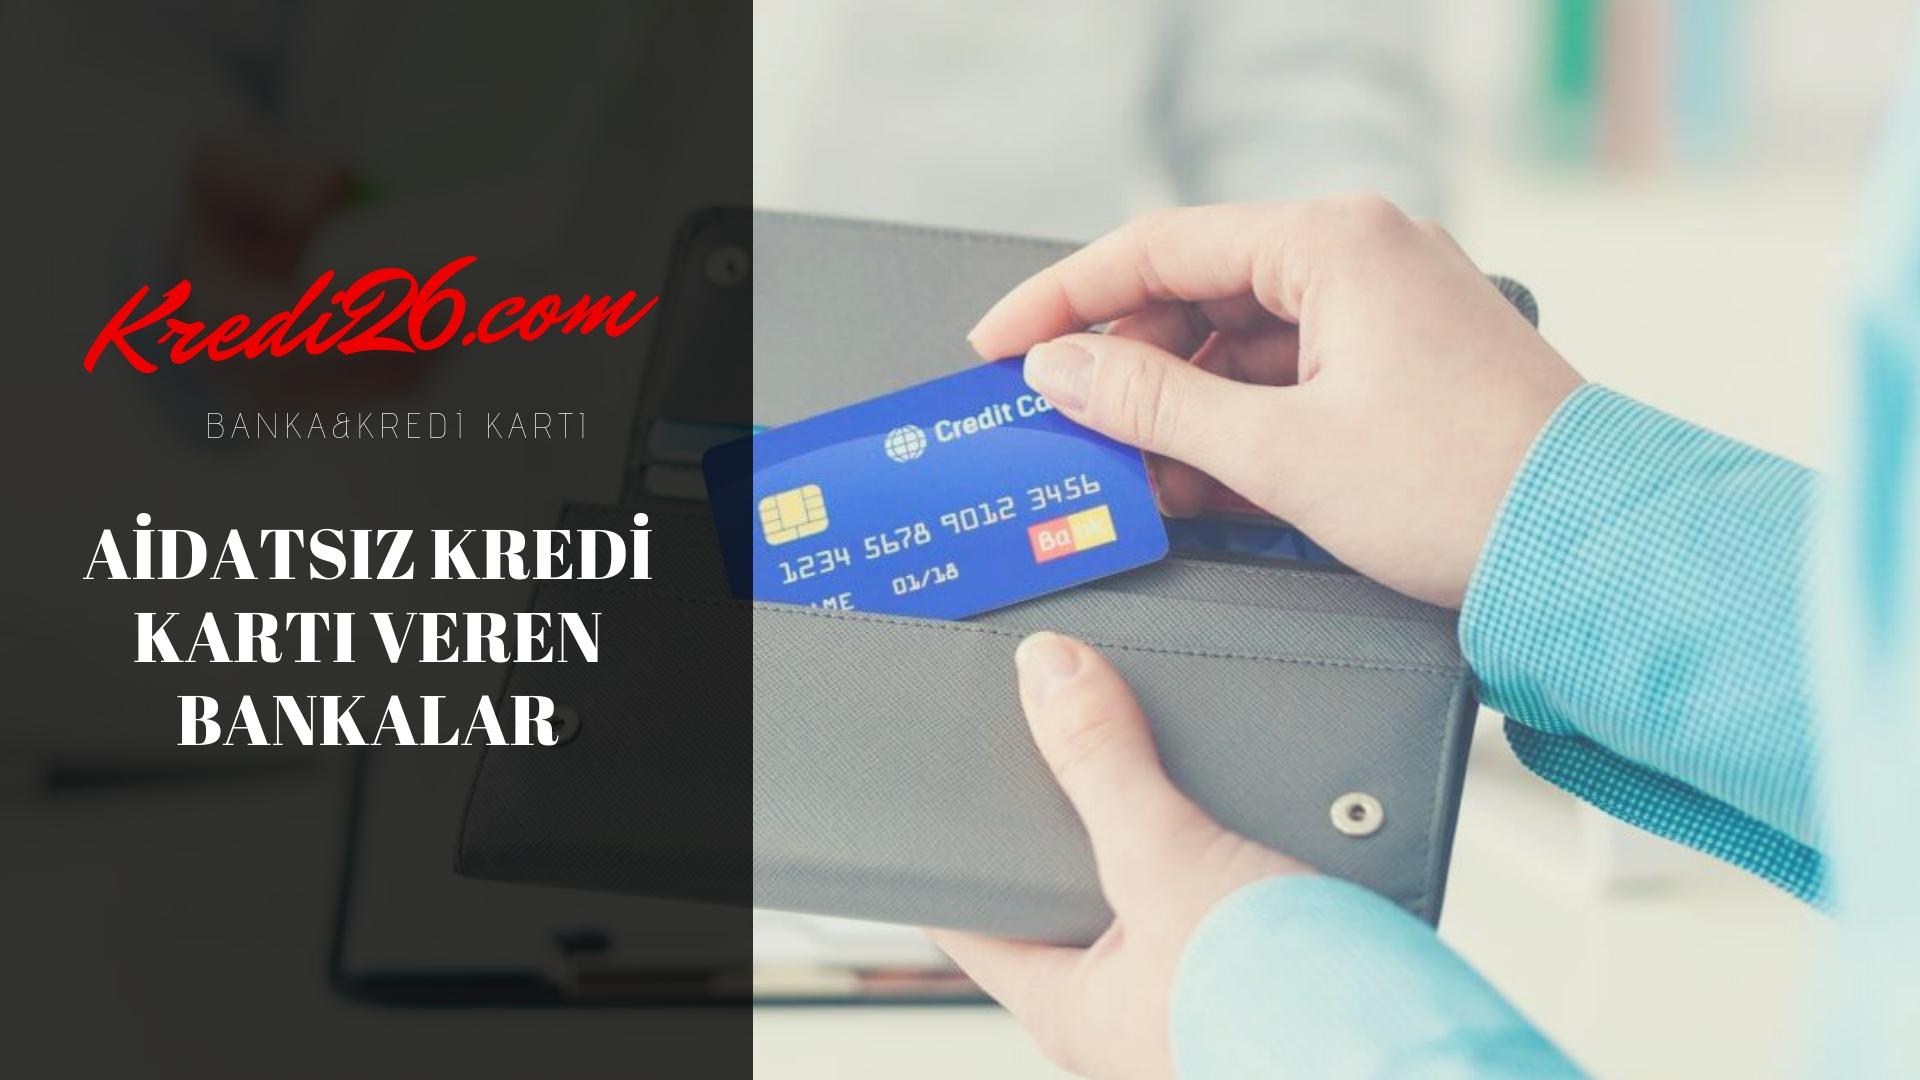 Aidatsız Kredi Kartı Veren Bankalar Listesi (GÜNCEL)